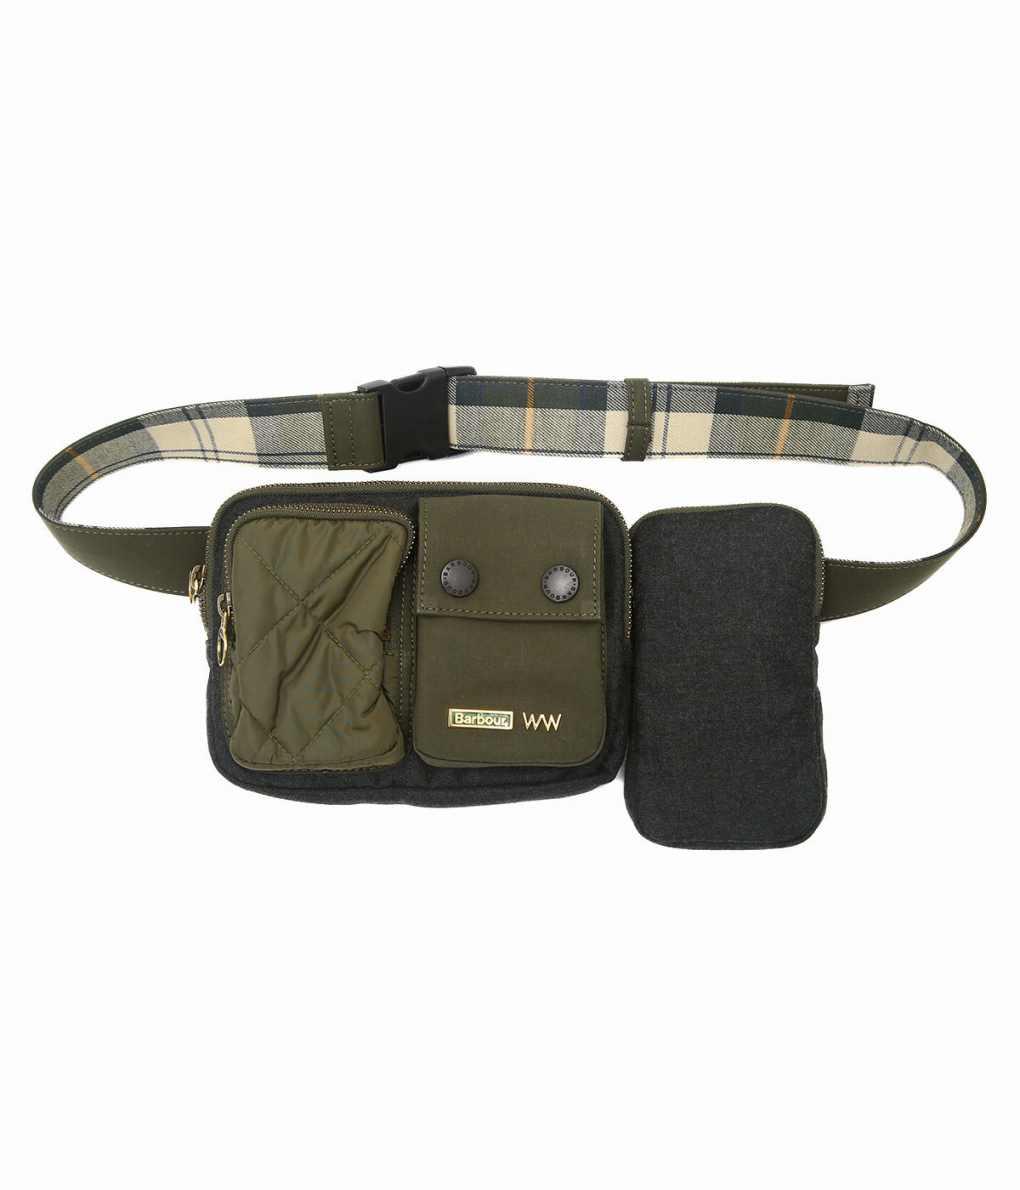 WACCOWACCO / ワッコワッコ : Belt bag : ウエストバッグ ボディーバッグ メンズ : WWBB-013 【MUS】